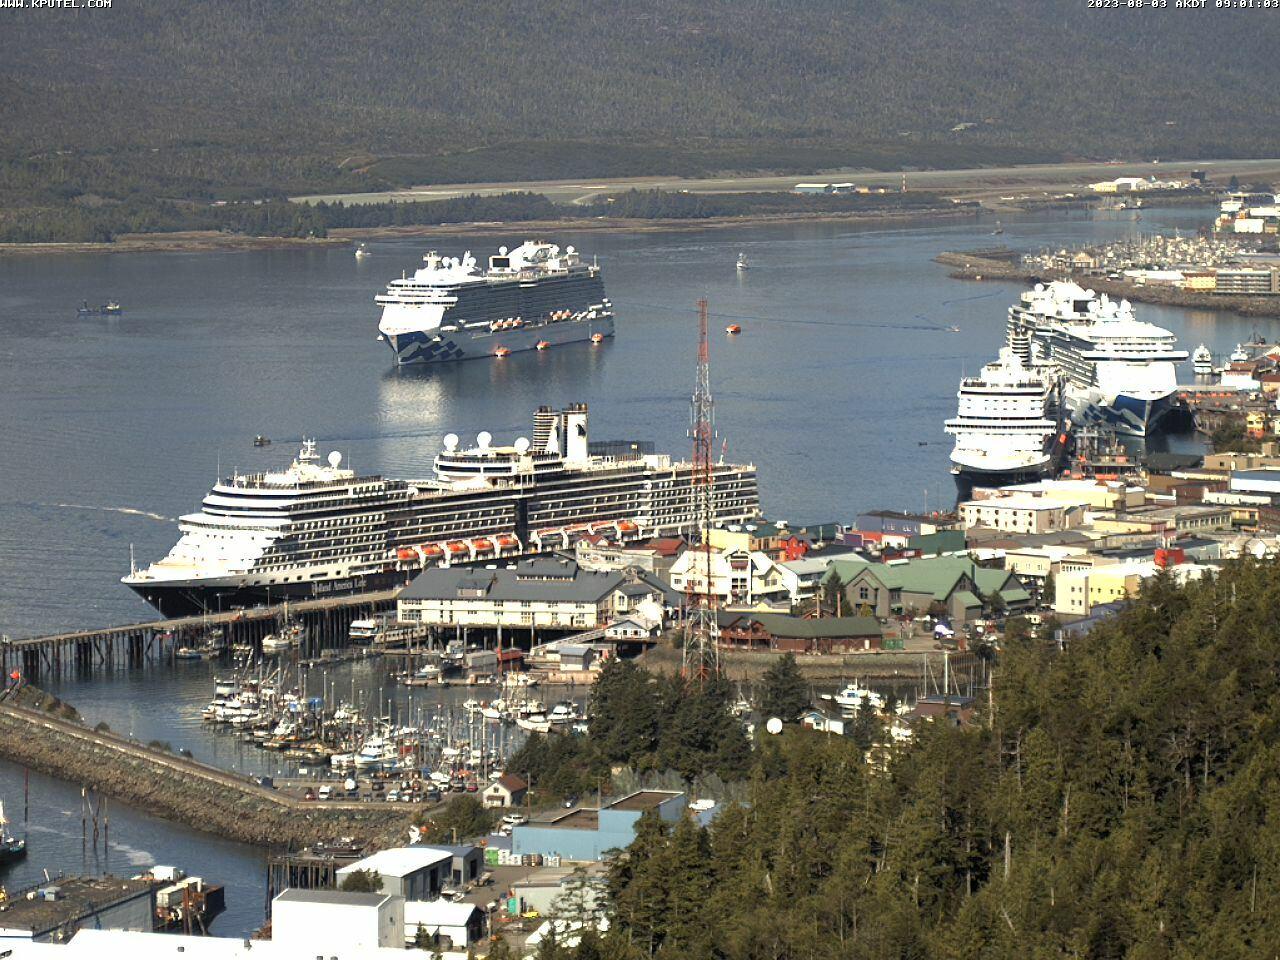 Current Ketchikan Webcam #7 Mega-View Image